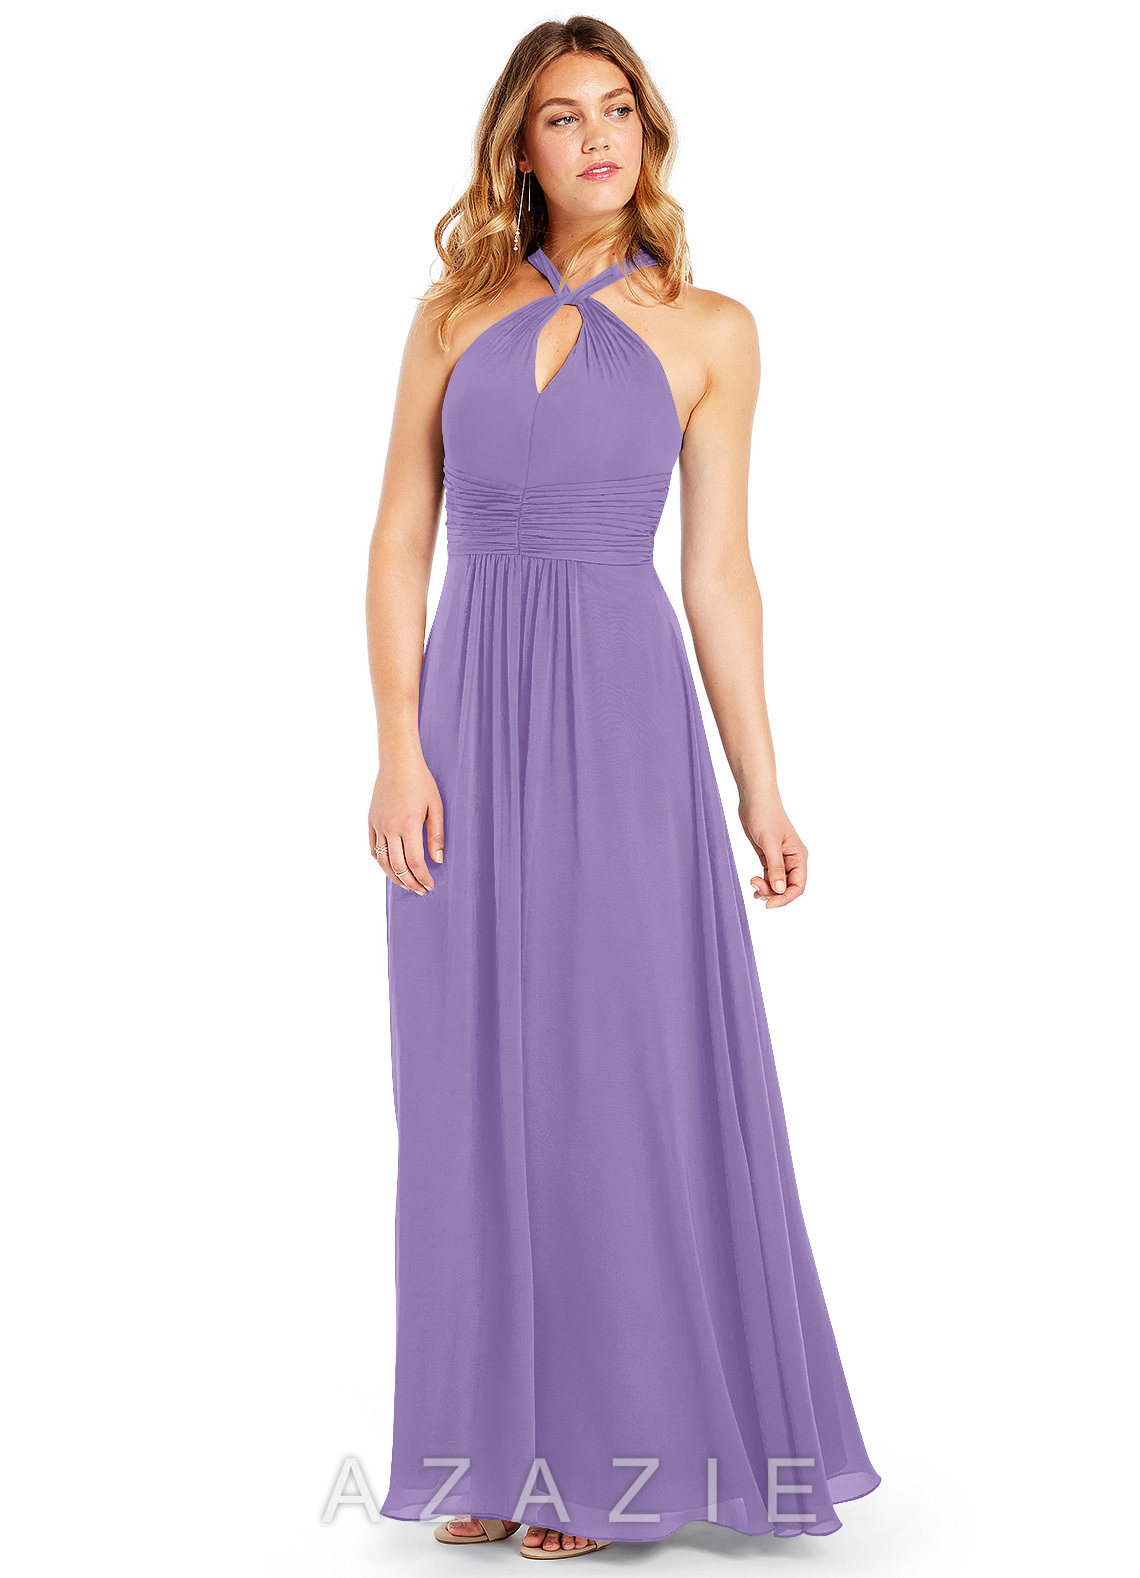 Azazie Bobbie Bridesmaid Dress   Azazie